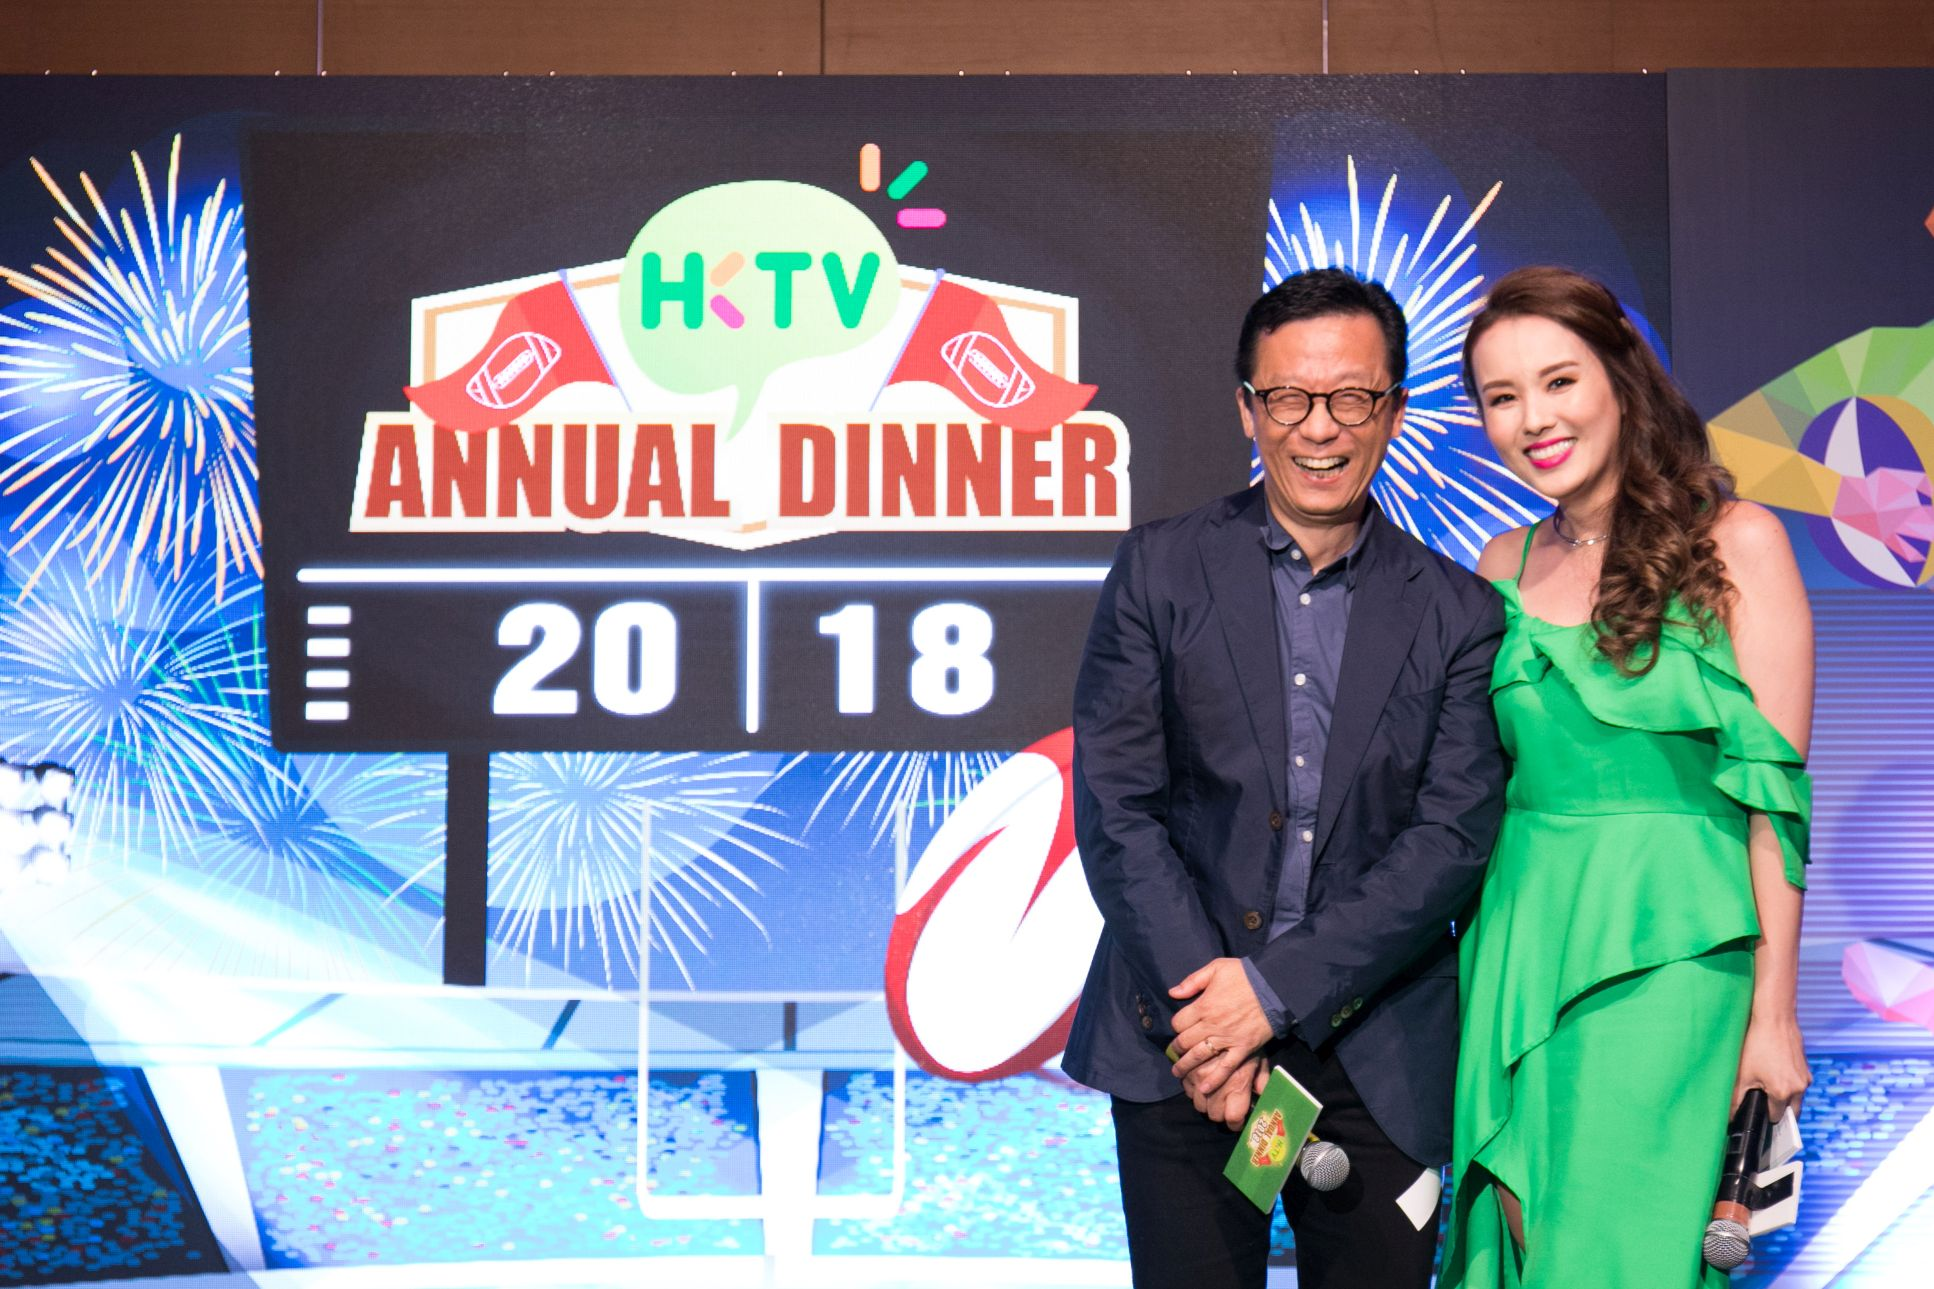 HKTV Annual Dinner